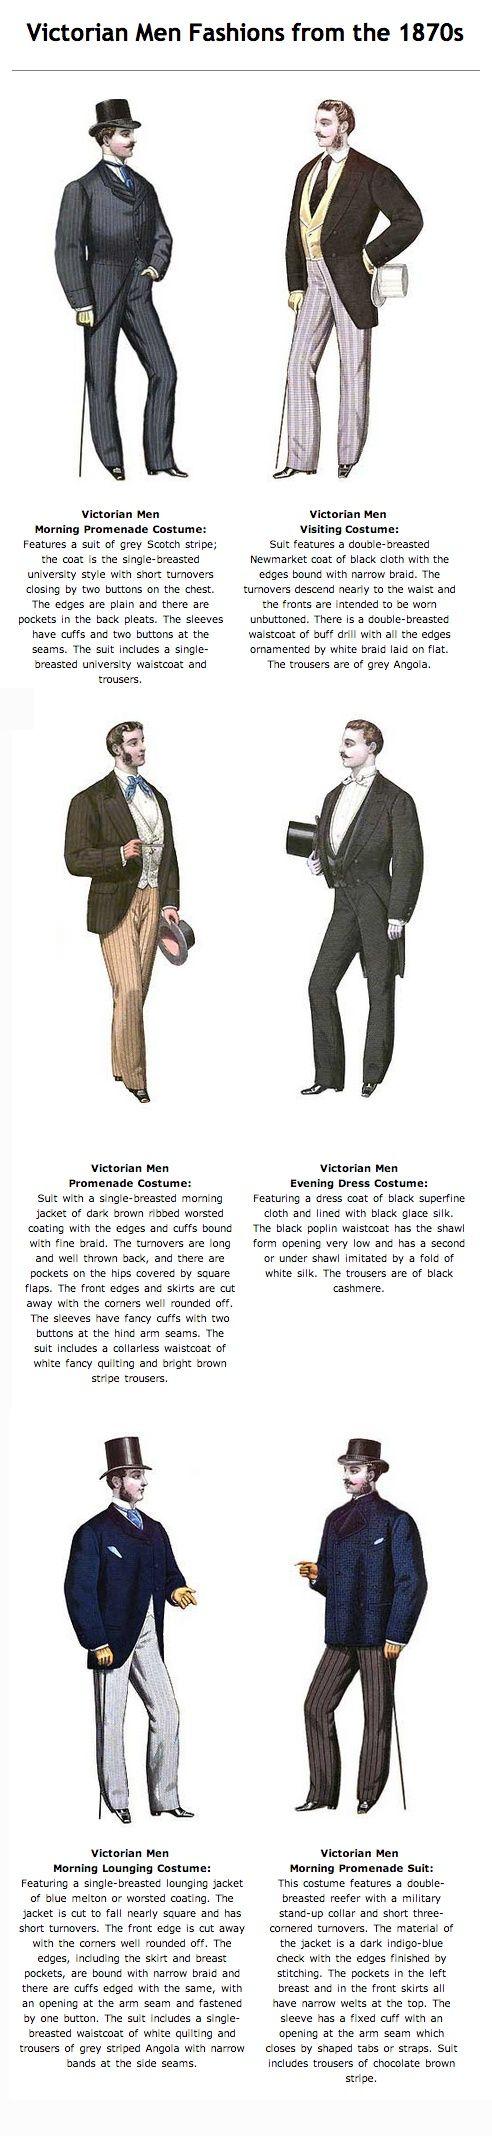 1870 - het silhouette word rechter, geen taille of heup meer